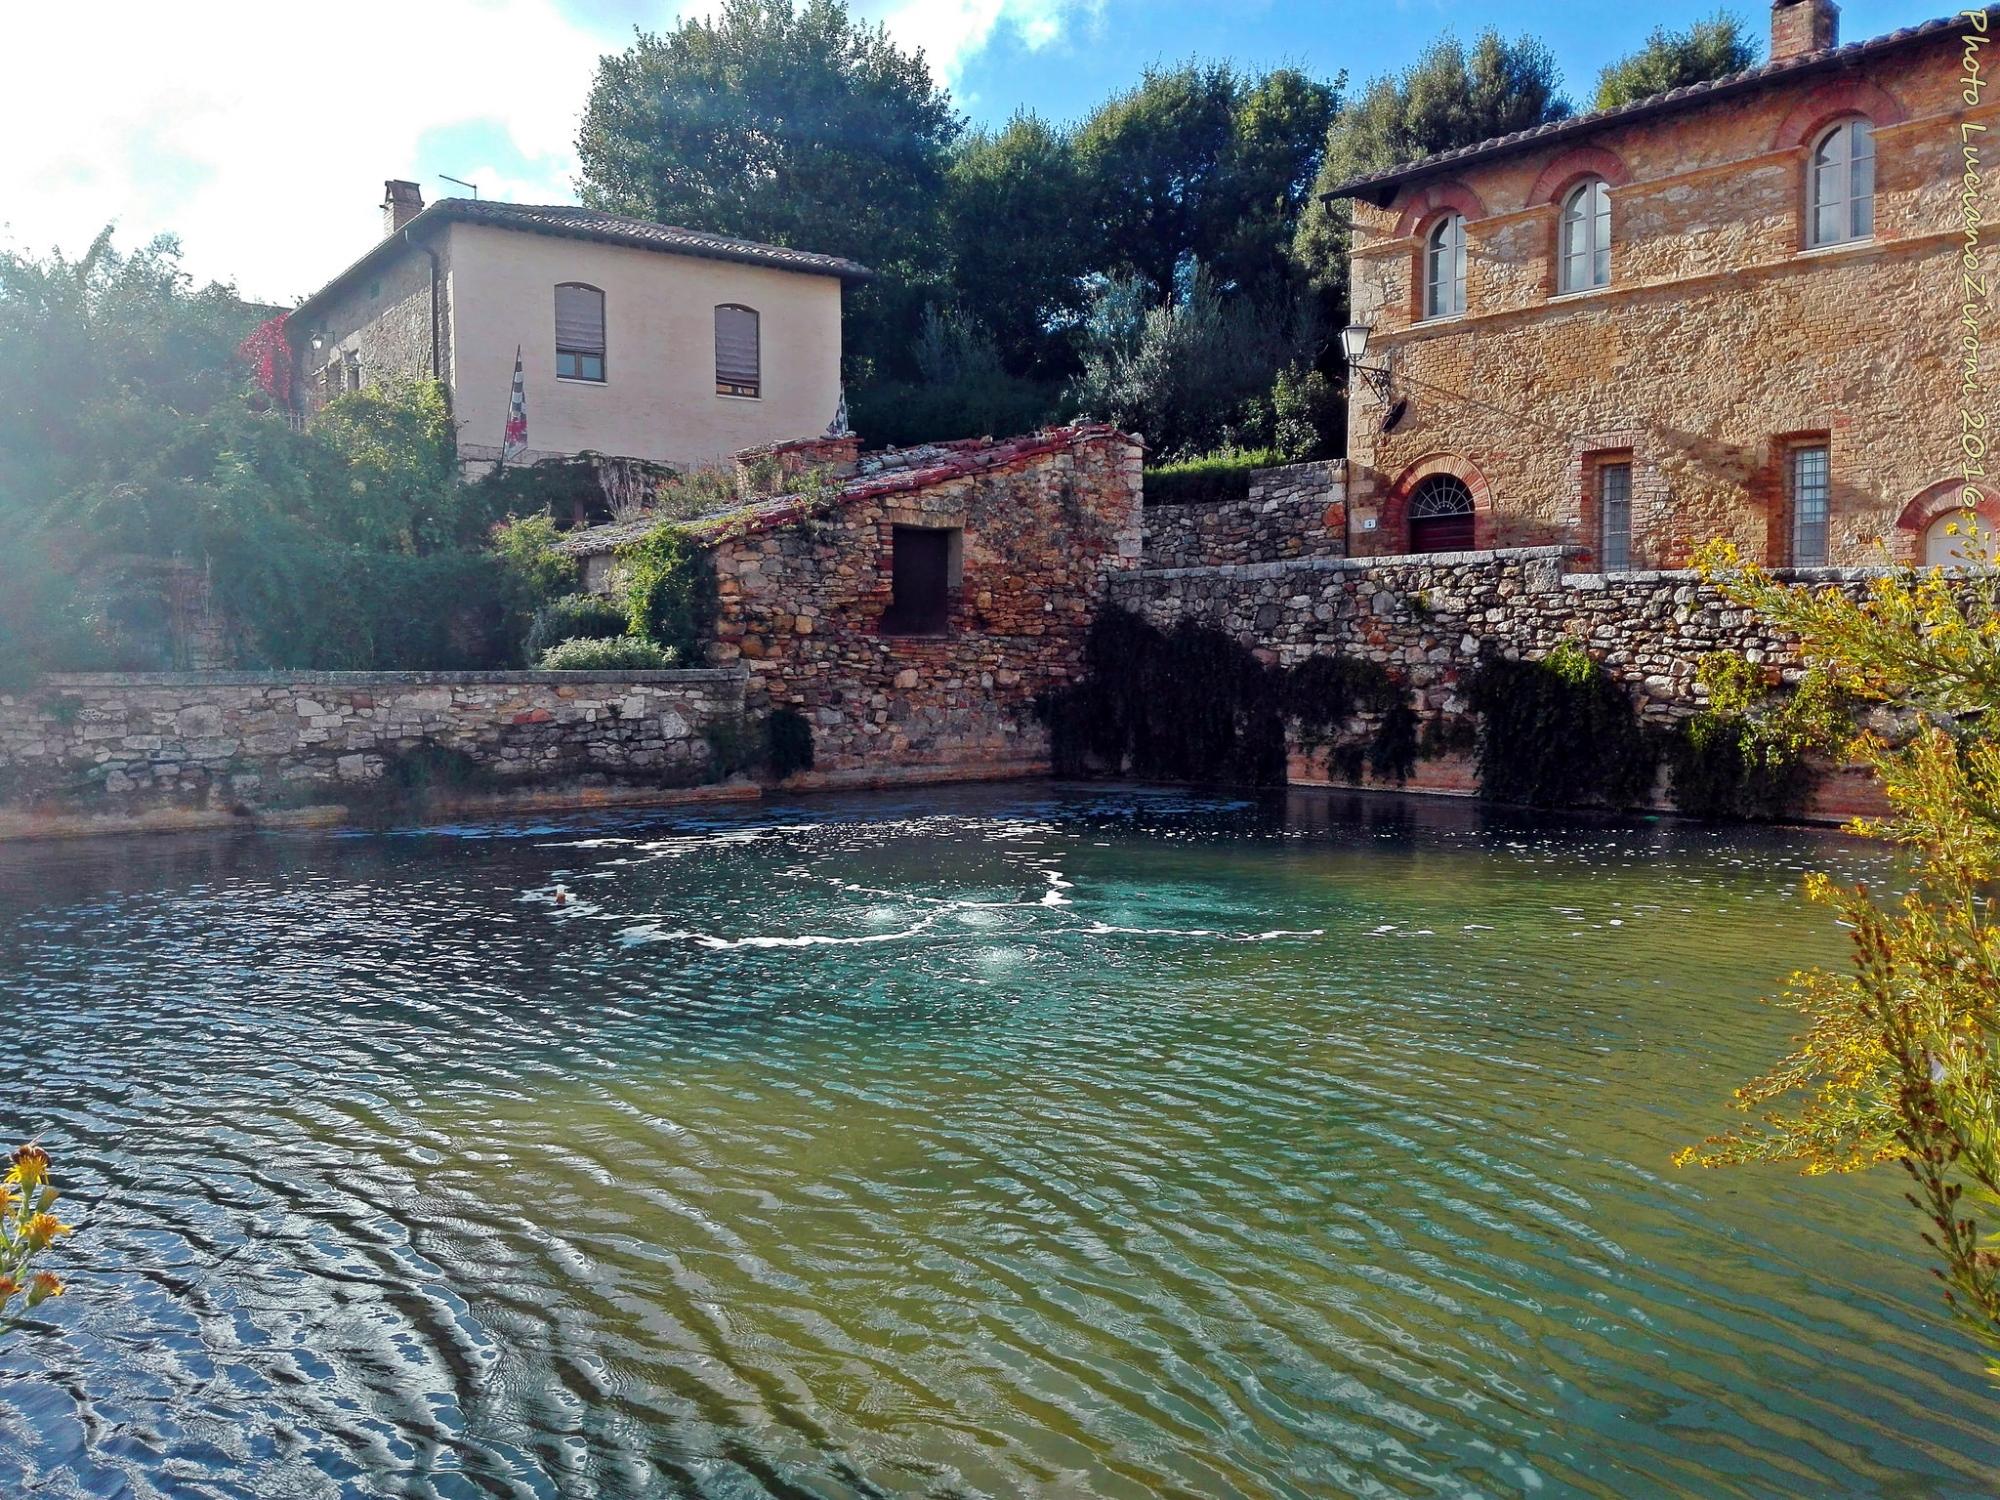 Alla scoperta del fascino di bagno vignoni e pienza visit tuscany